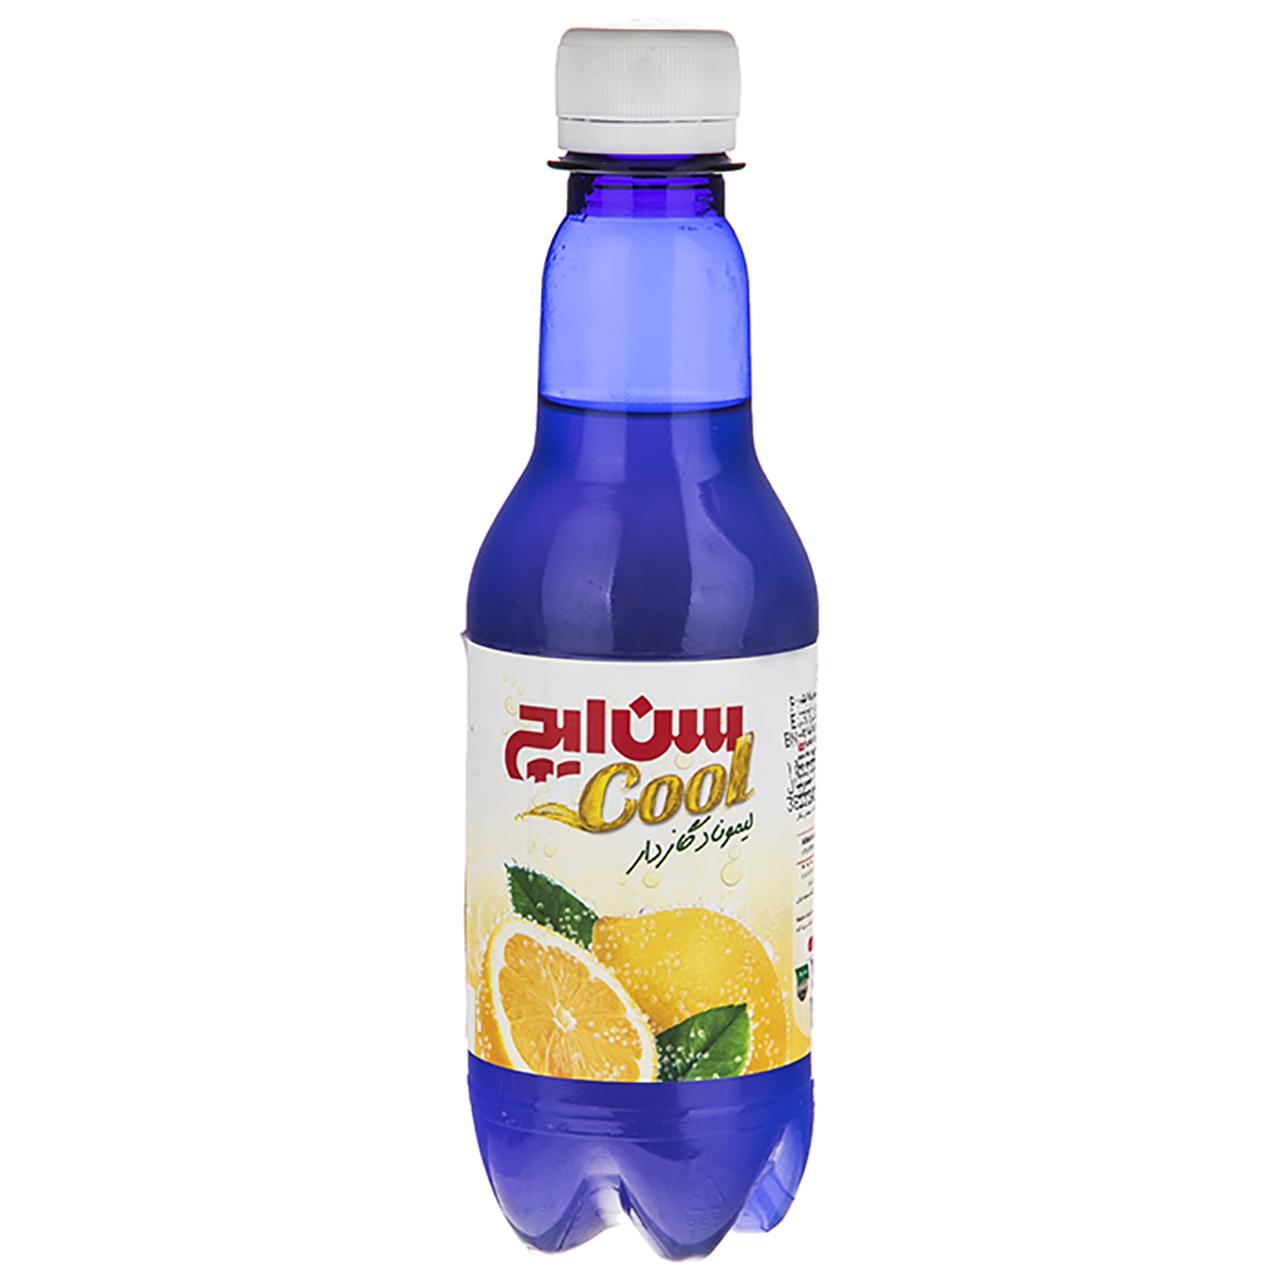 نوشیدنی گازدار لیموناد سن ایچ مقدار 330 میلی لیتر